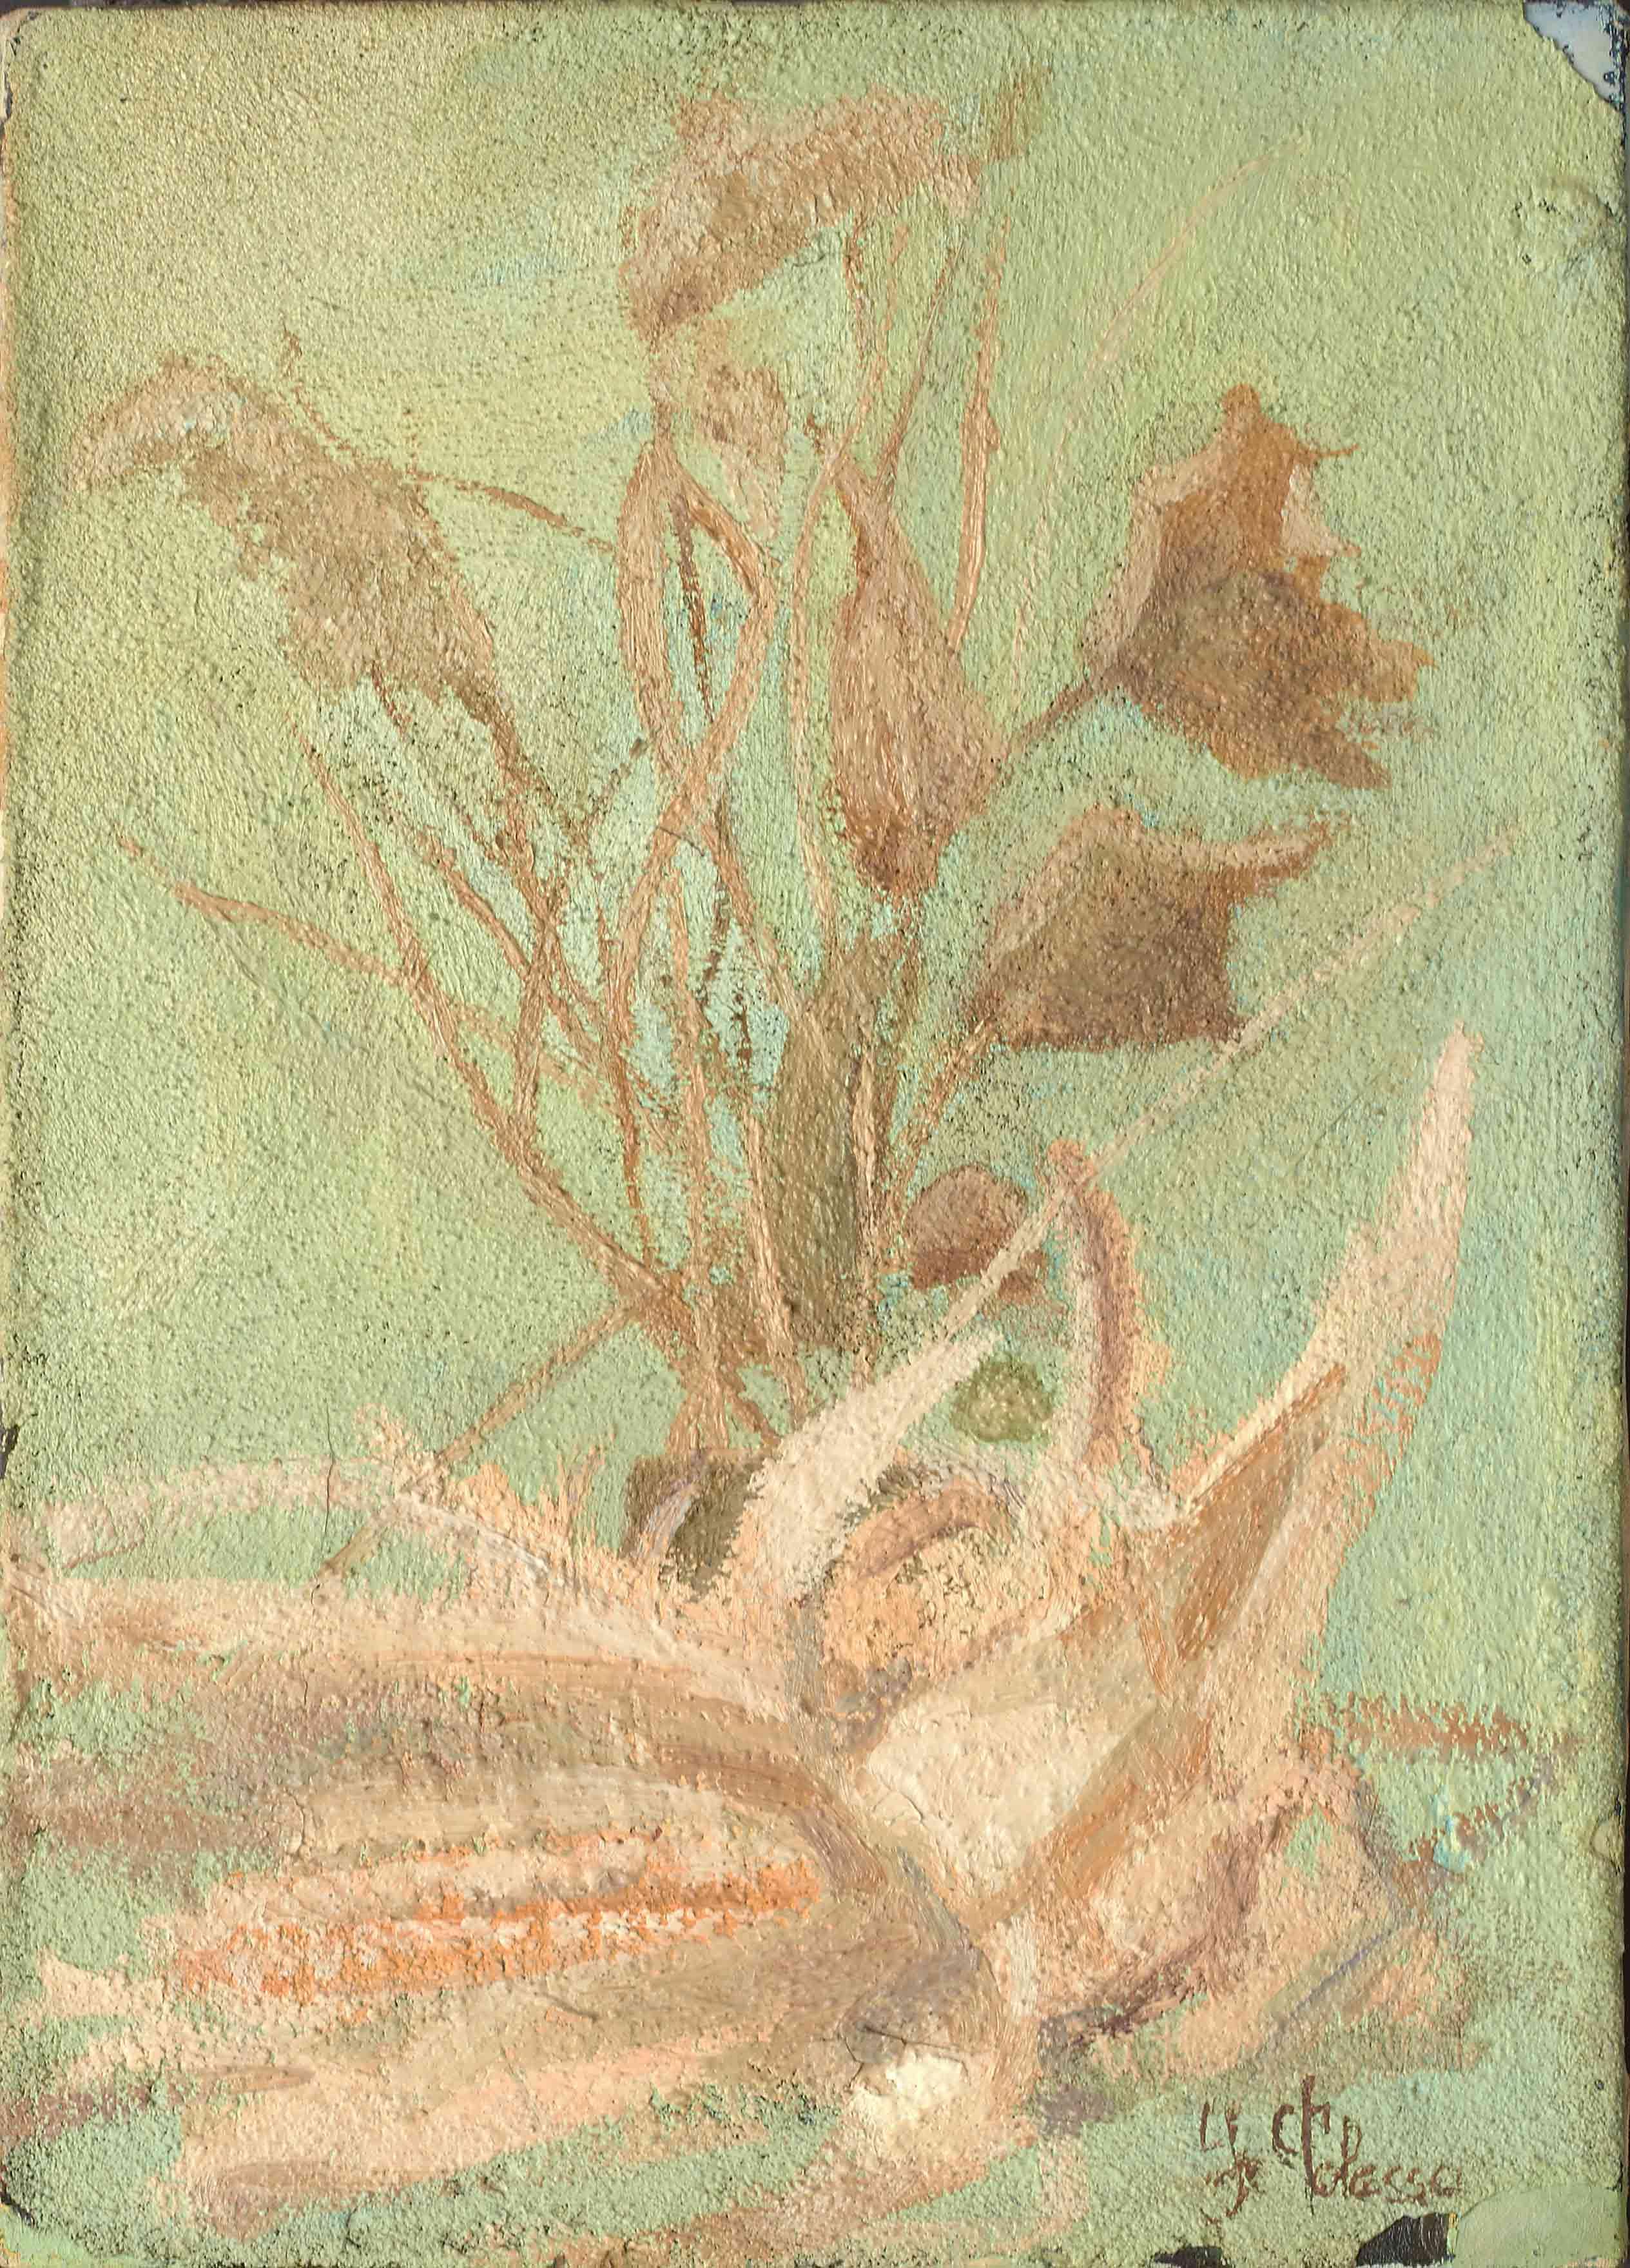 quadro natura morta, olio su tela, opera d'arte del maestro polesso fulvio pittore chiarista milano italia